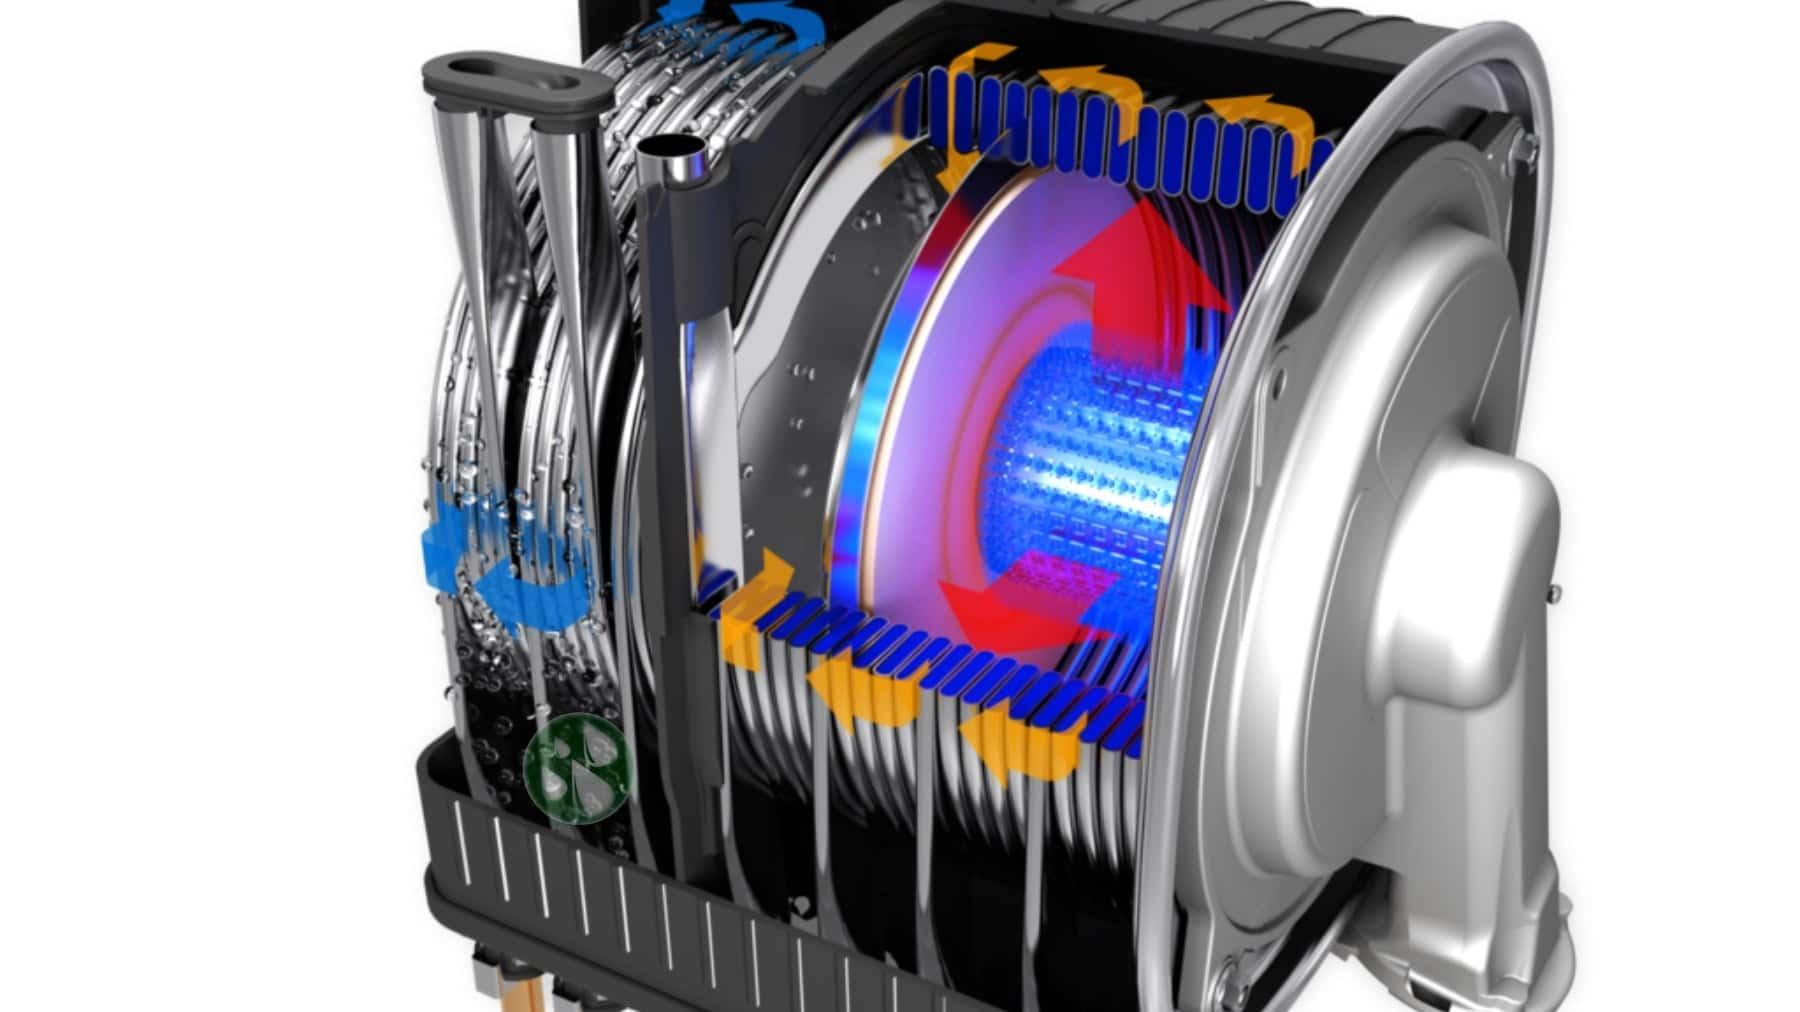 Cele mai bune centrale termice arzator schimbator flacara & condens